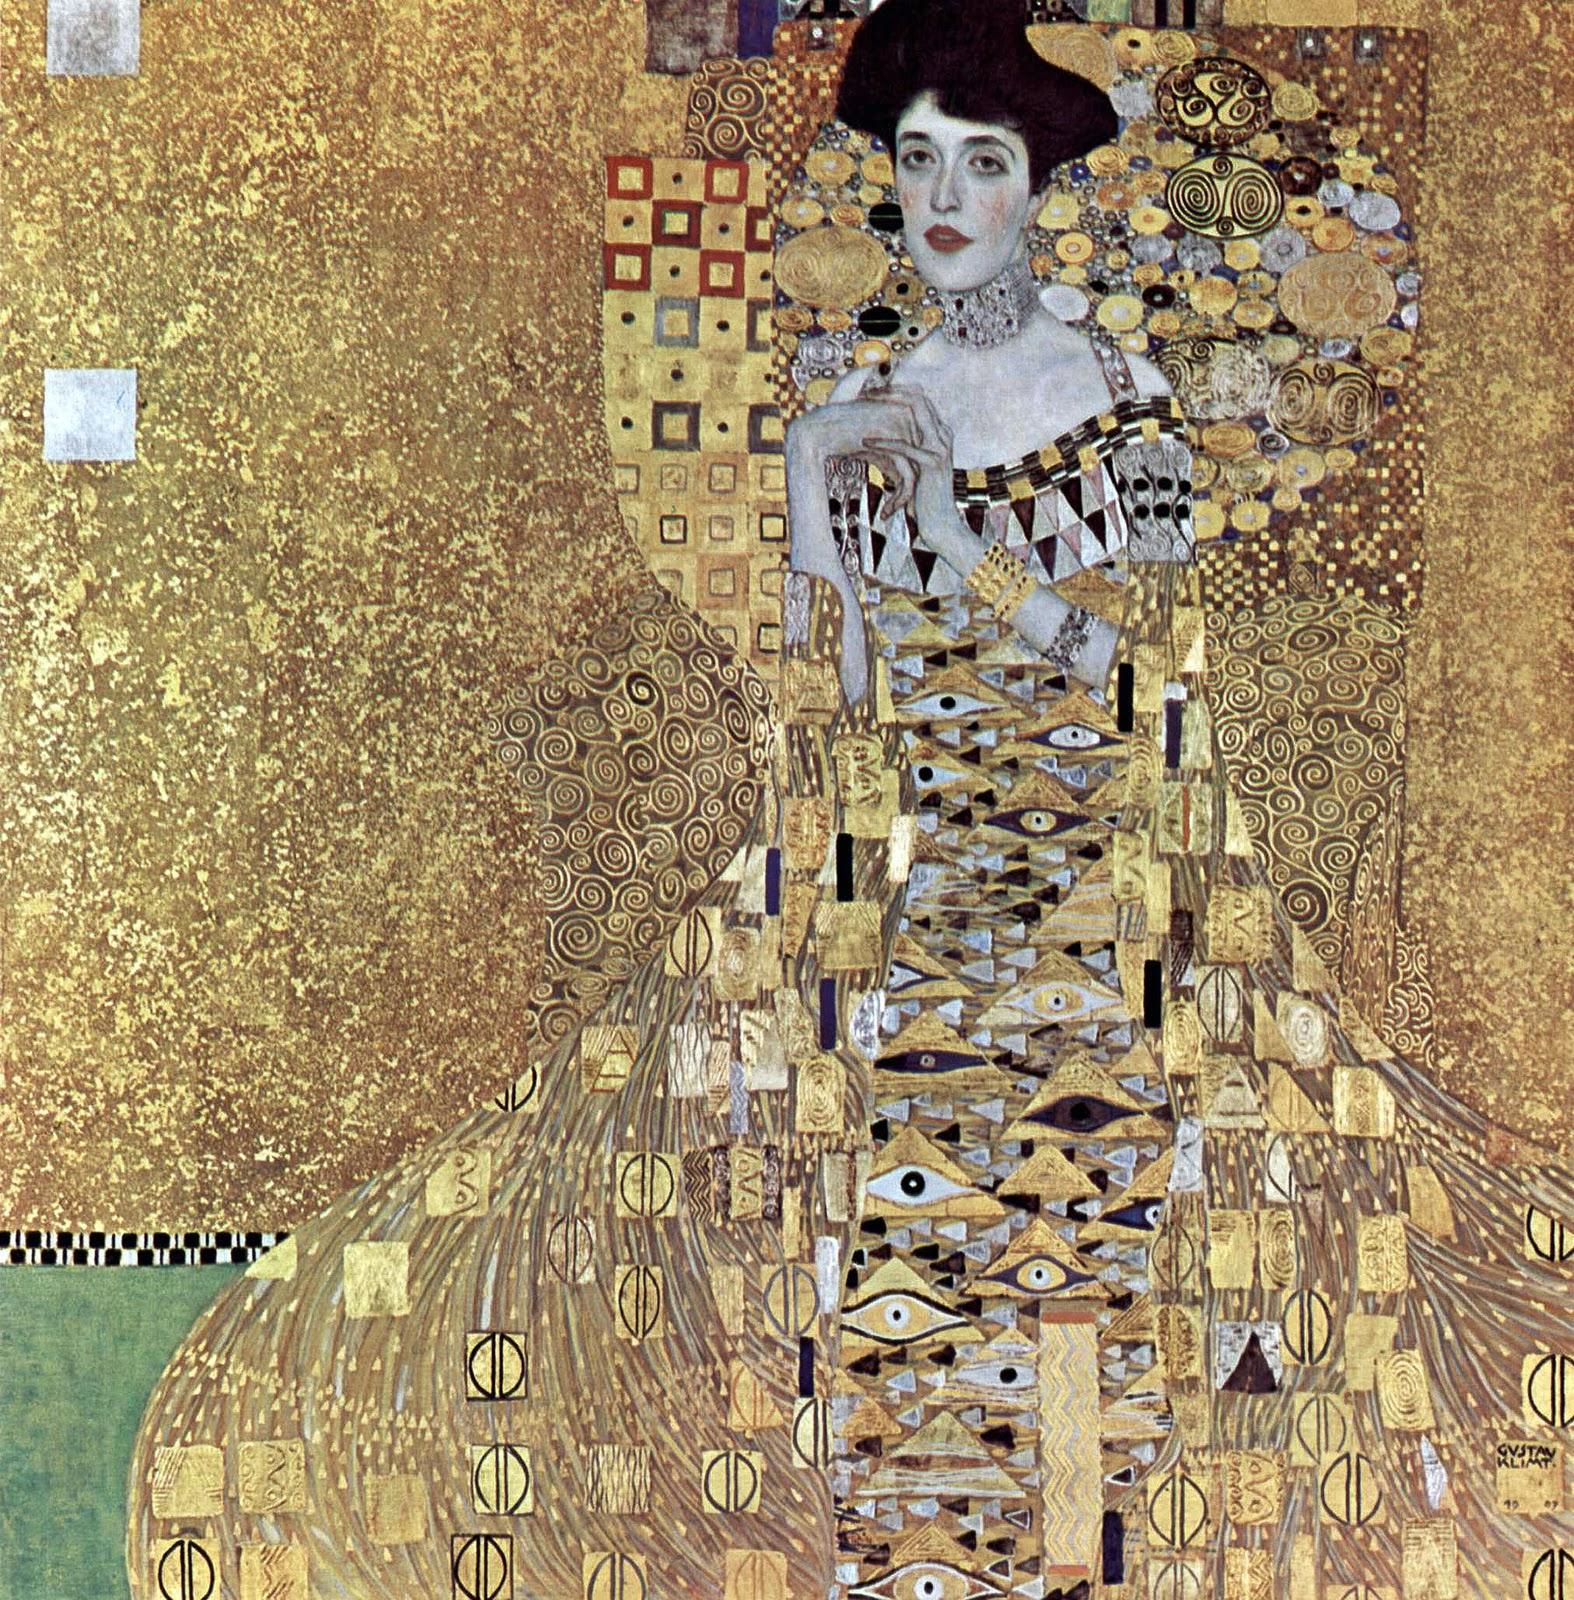 http://4.bp.blogspot.com/_YvqVaaxupoQ/TUMd6h9yx3I/AAAAAAAAB2Q/tTZG3A9qVQc/s1600/Gustav_Klimt_046.jpg